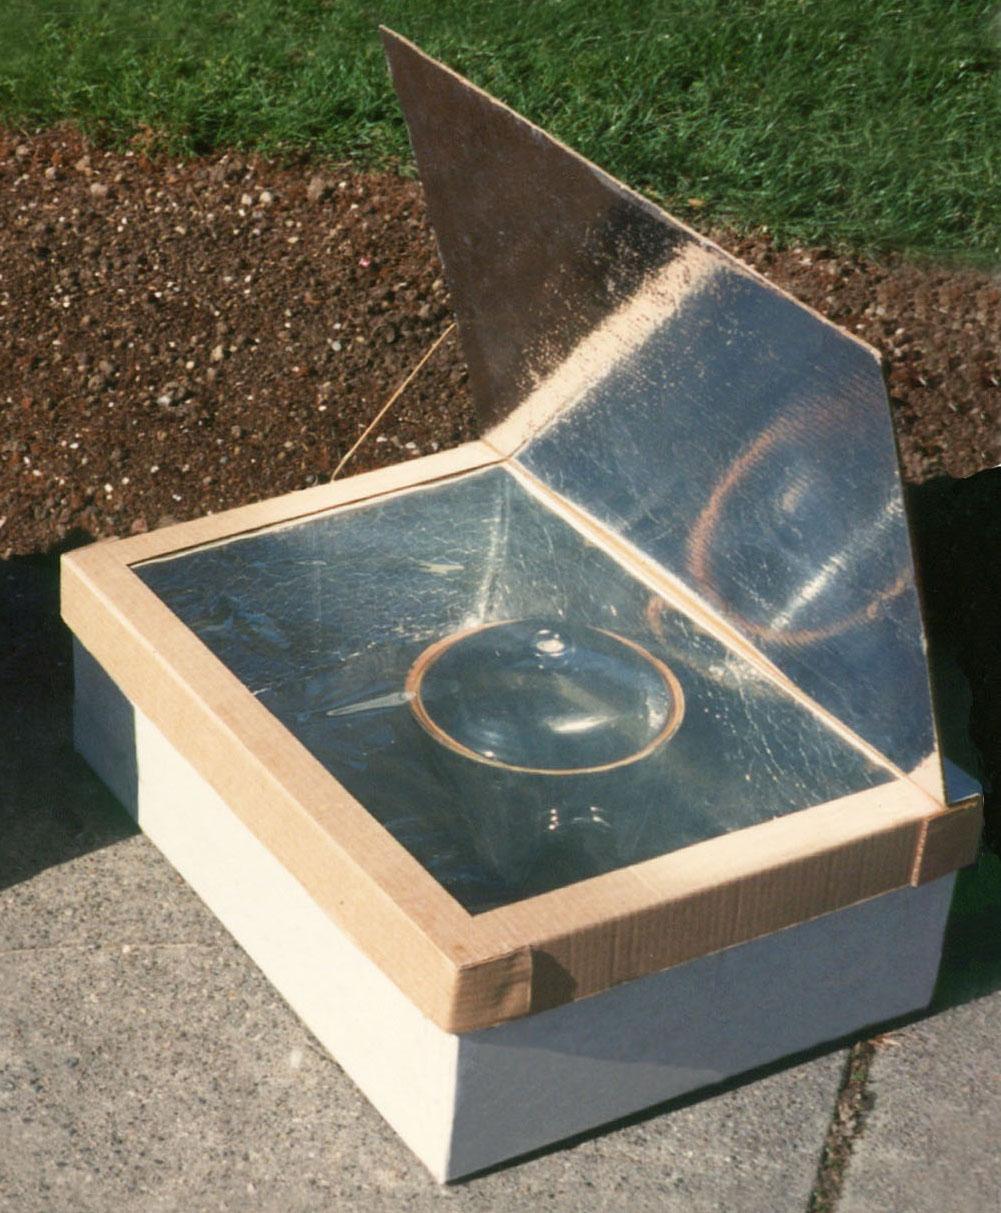 solar cooker design - Kaser.vtngcf.org